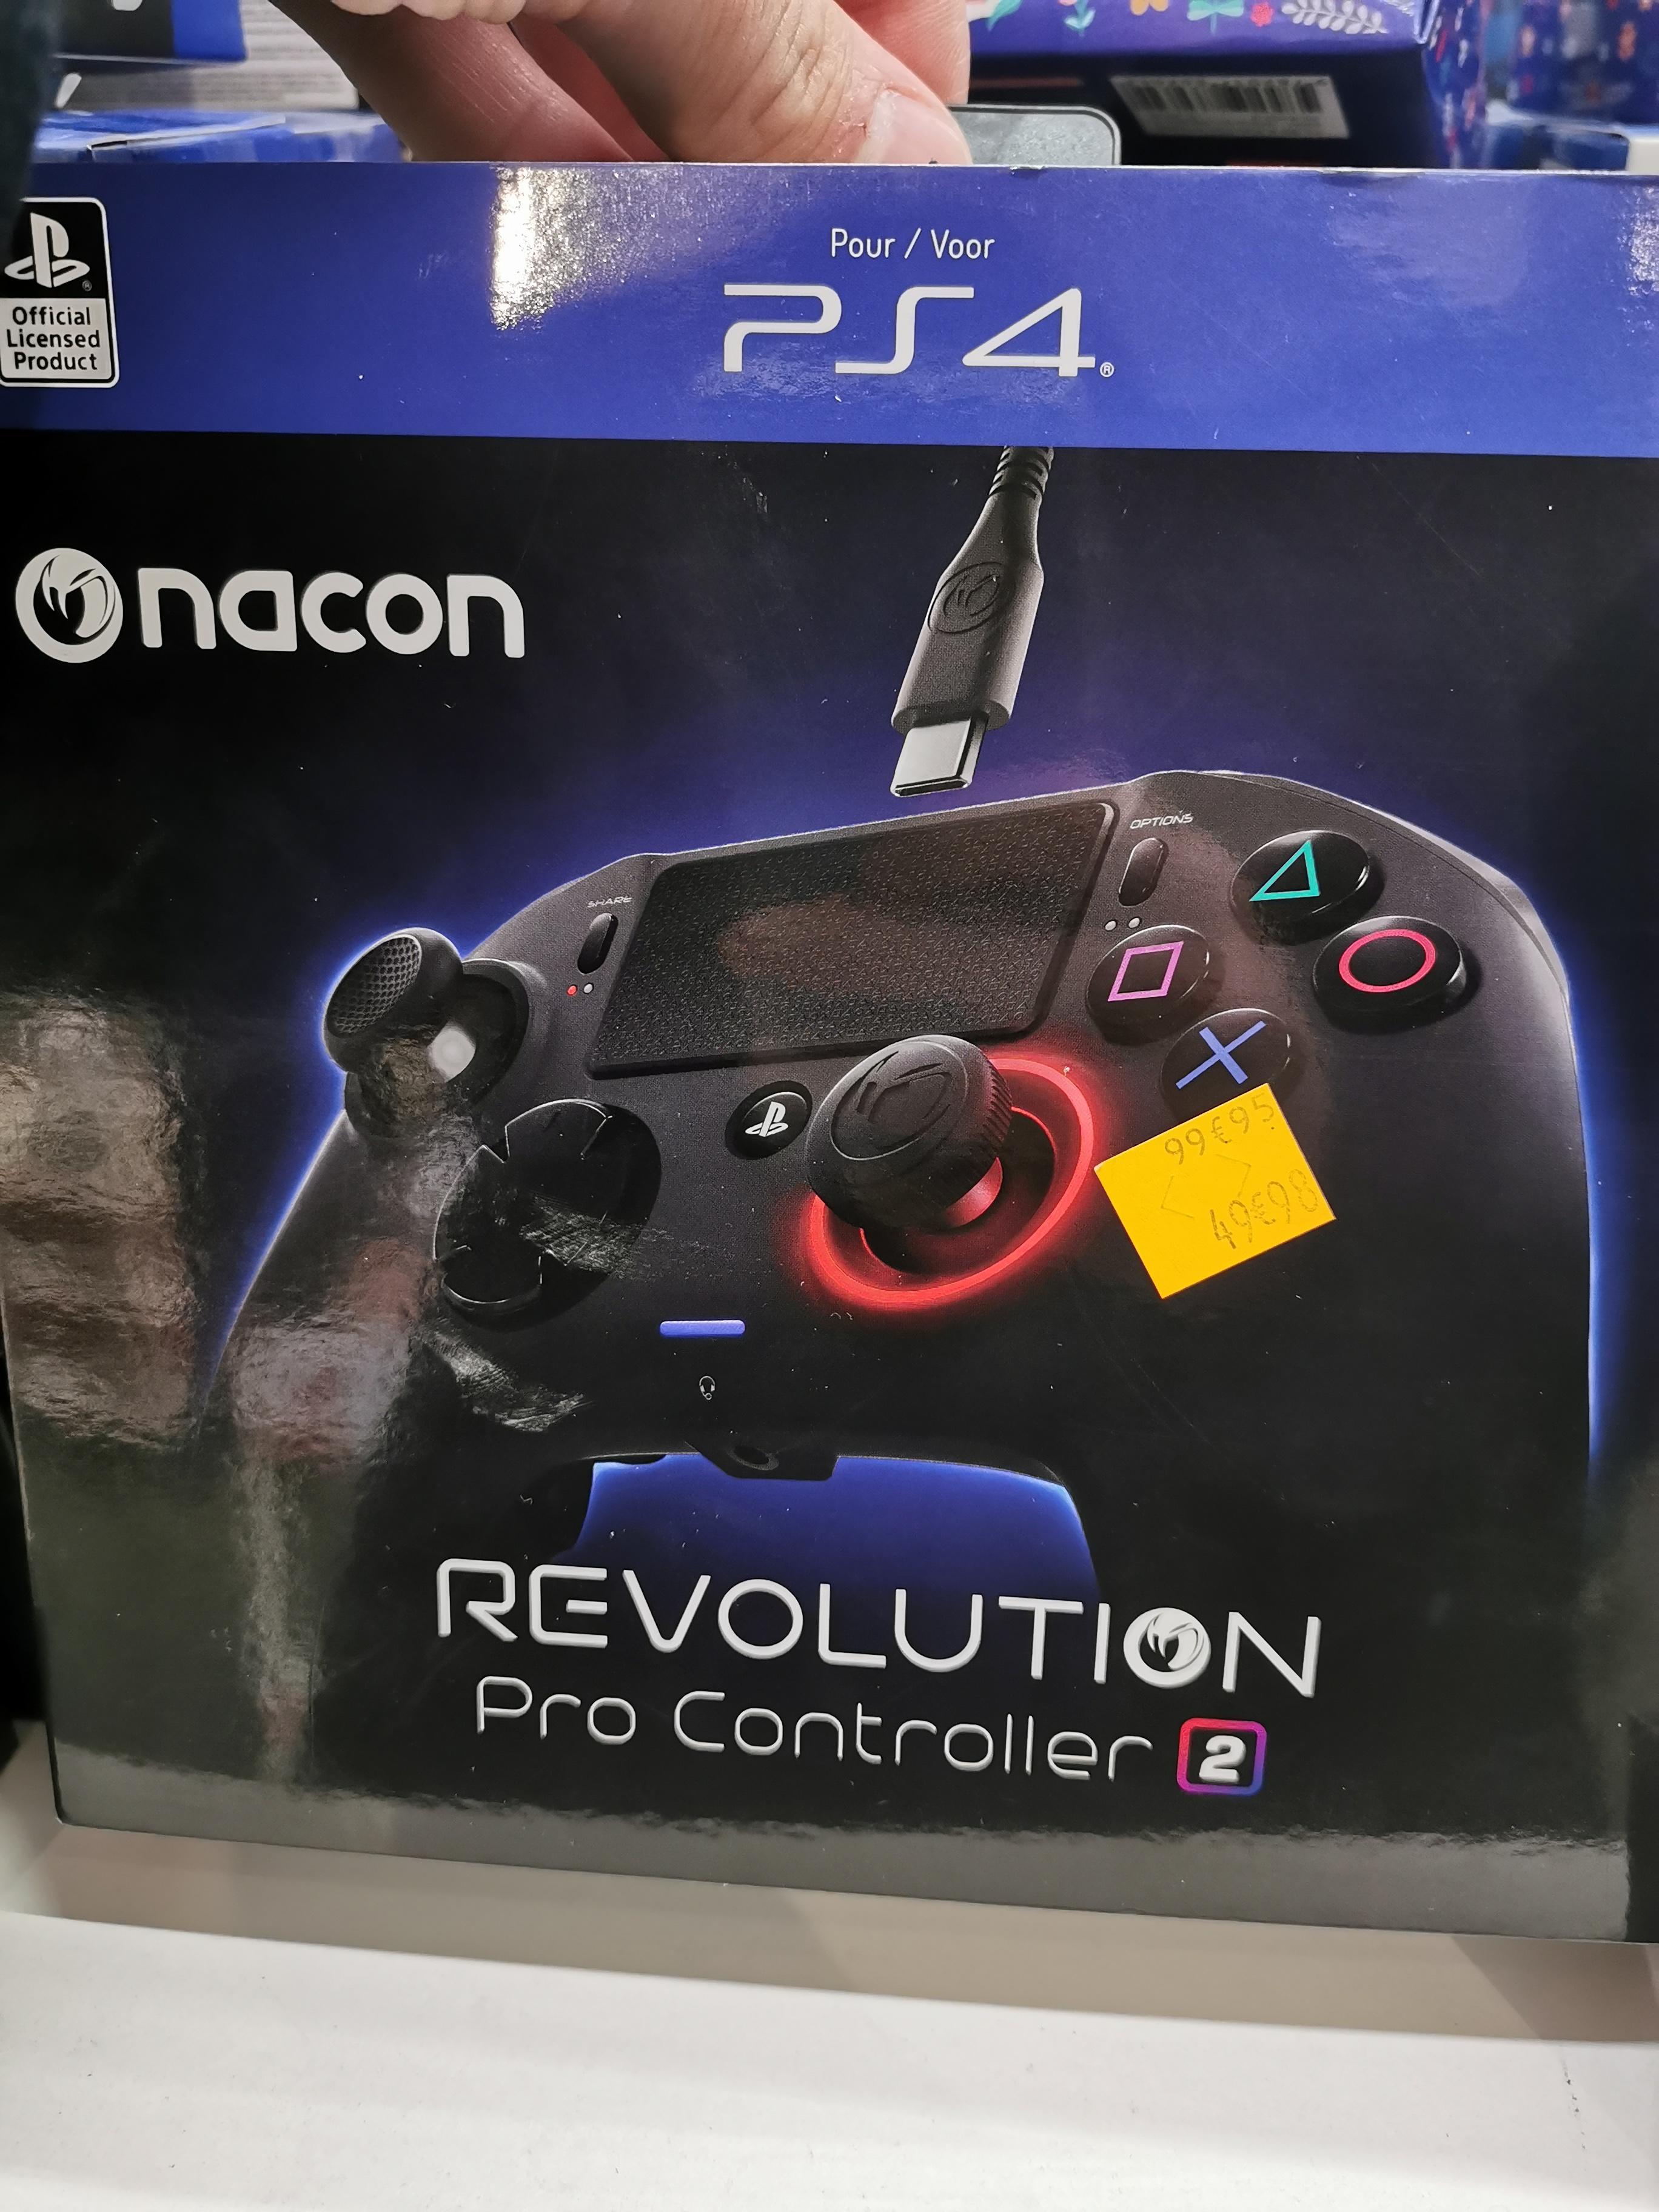 Manette Nacon Revolution Pro Controller 2 pour PS4 - Montesson (78)